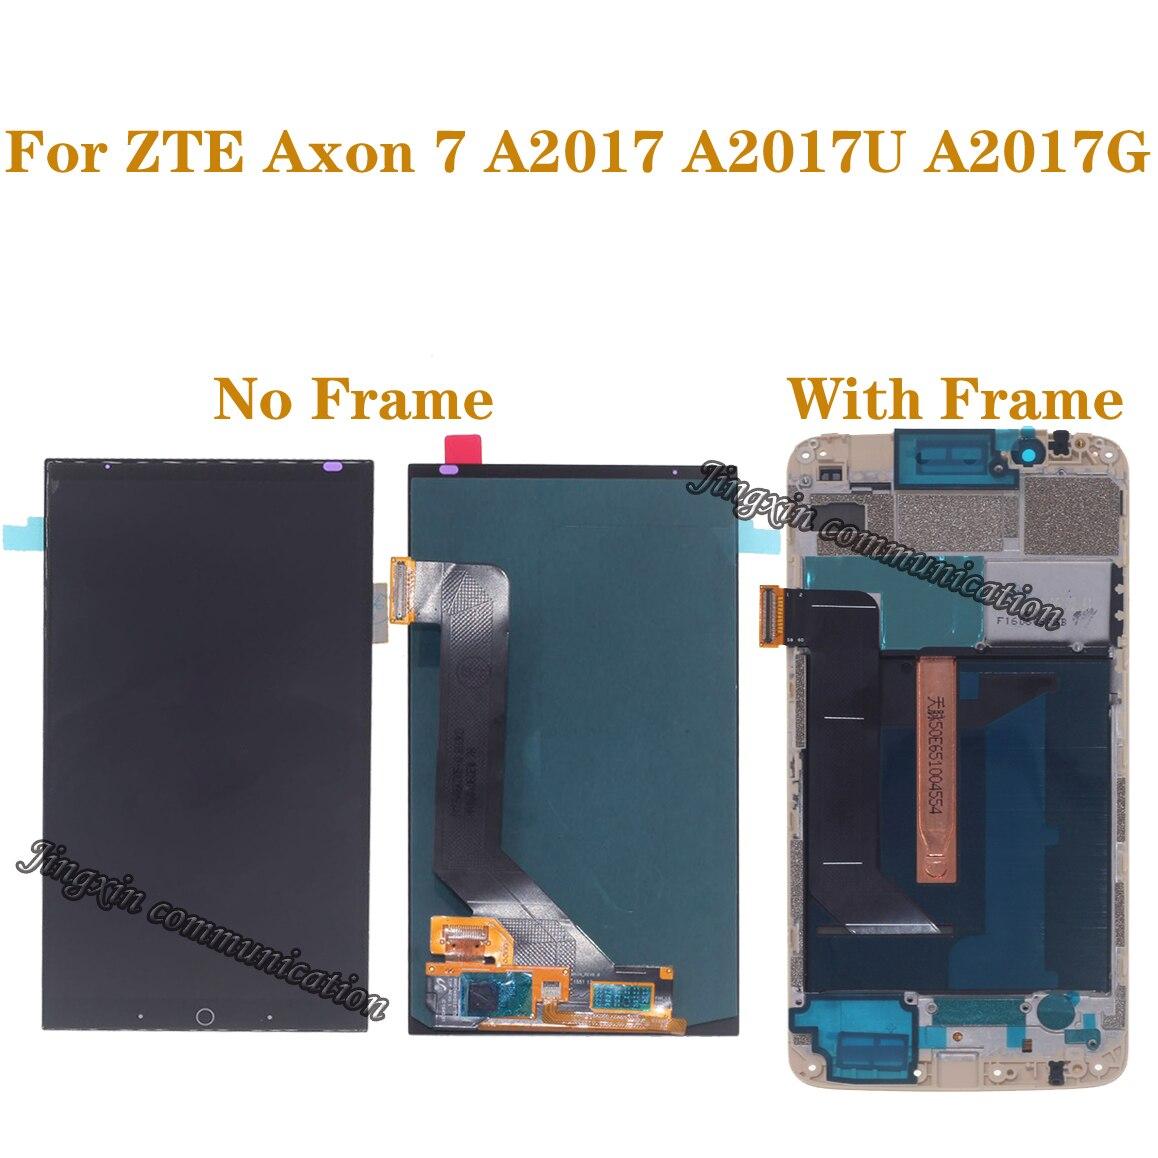 100% テストオリジナル amoled スクリーン Zte Axon 7 A2017 A2017U A2017G lcd ディスプレイ + タッチスクリーンデジタイザ交換可能な画面  グループ上の 携帯電話 & 電気通信 からの 携帯電話用液晶ディスプレイ の中 1